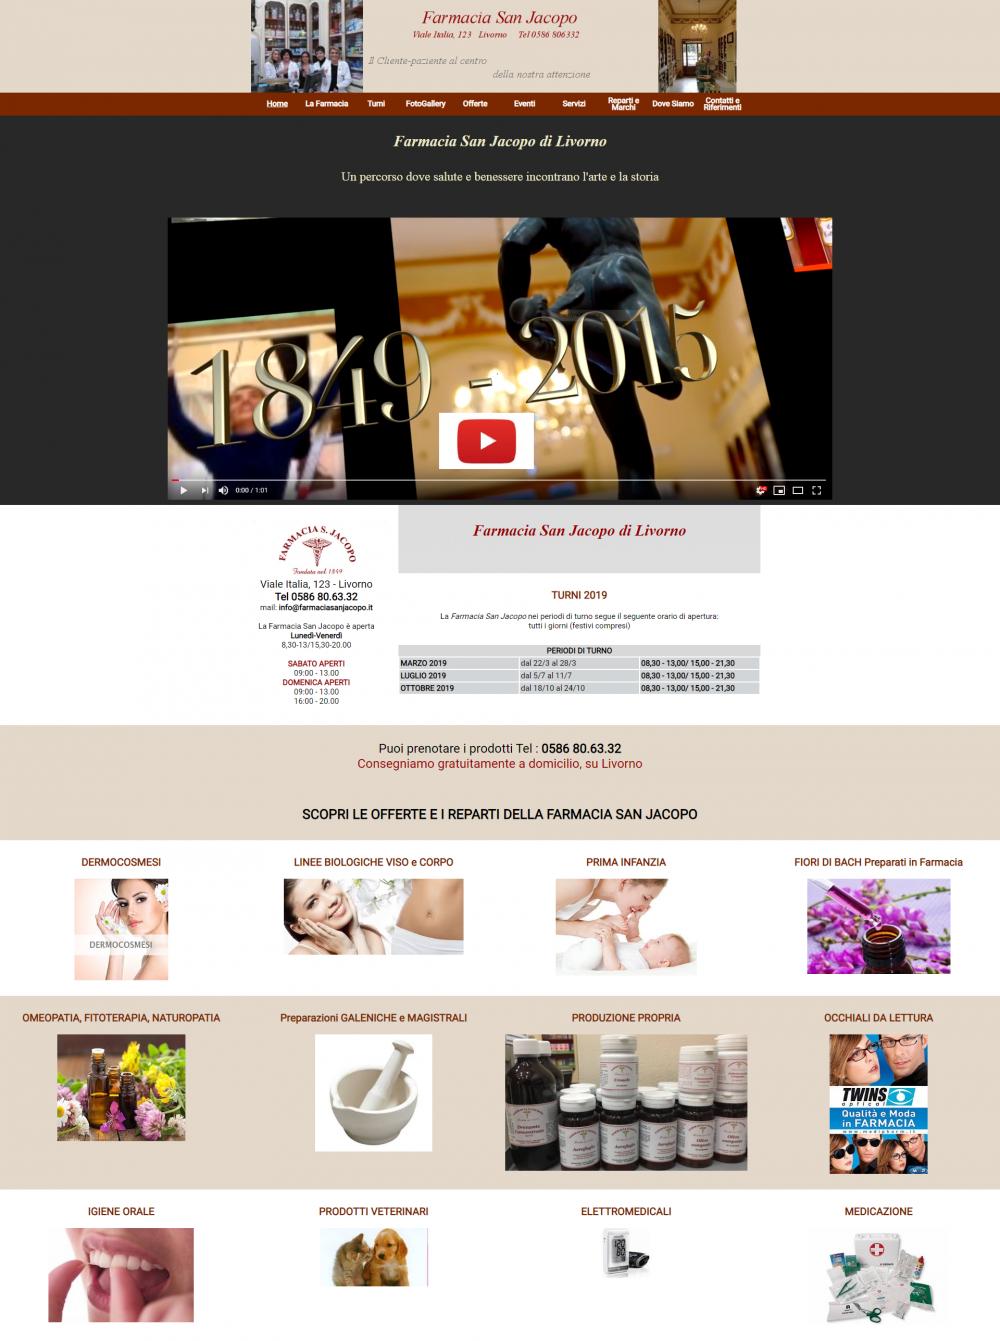 sito per farmacia san jacopo